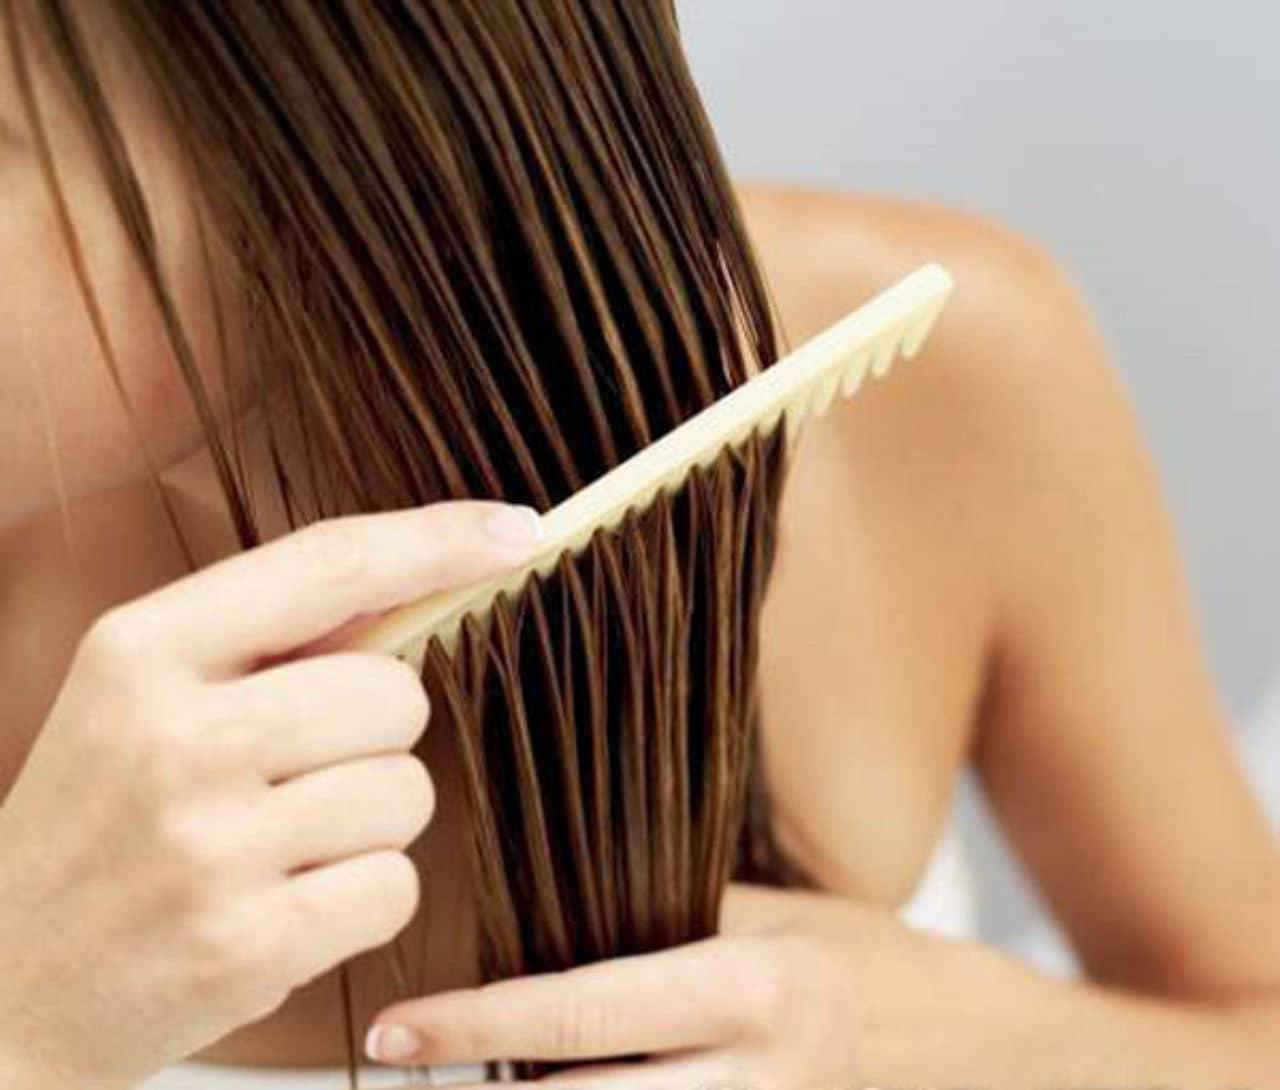 На сегодняшний день существует много рецептов масок для блеска волос. В большинстве из них используются самые простые и доступные ингредиенты